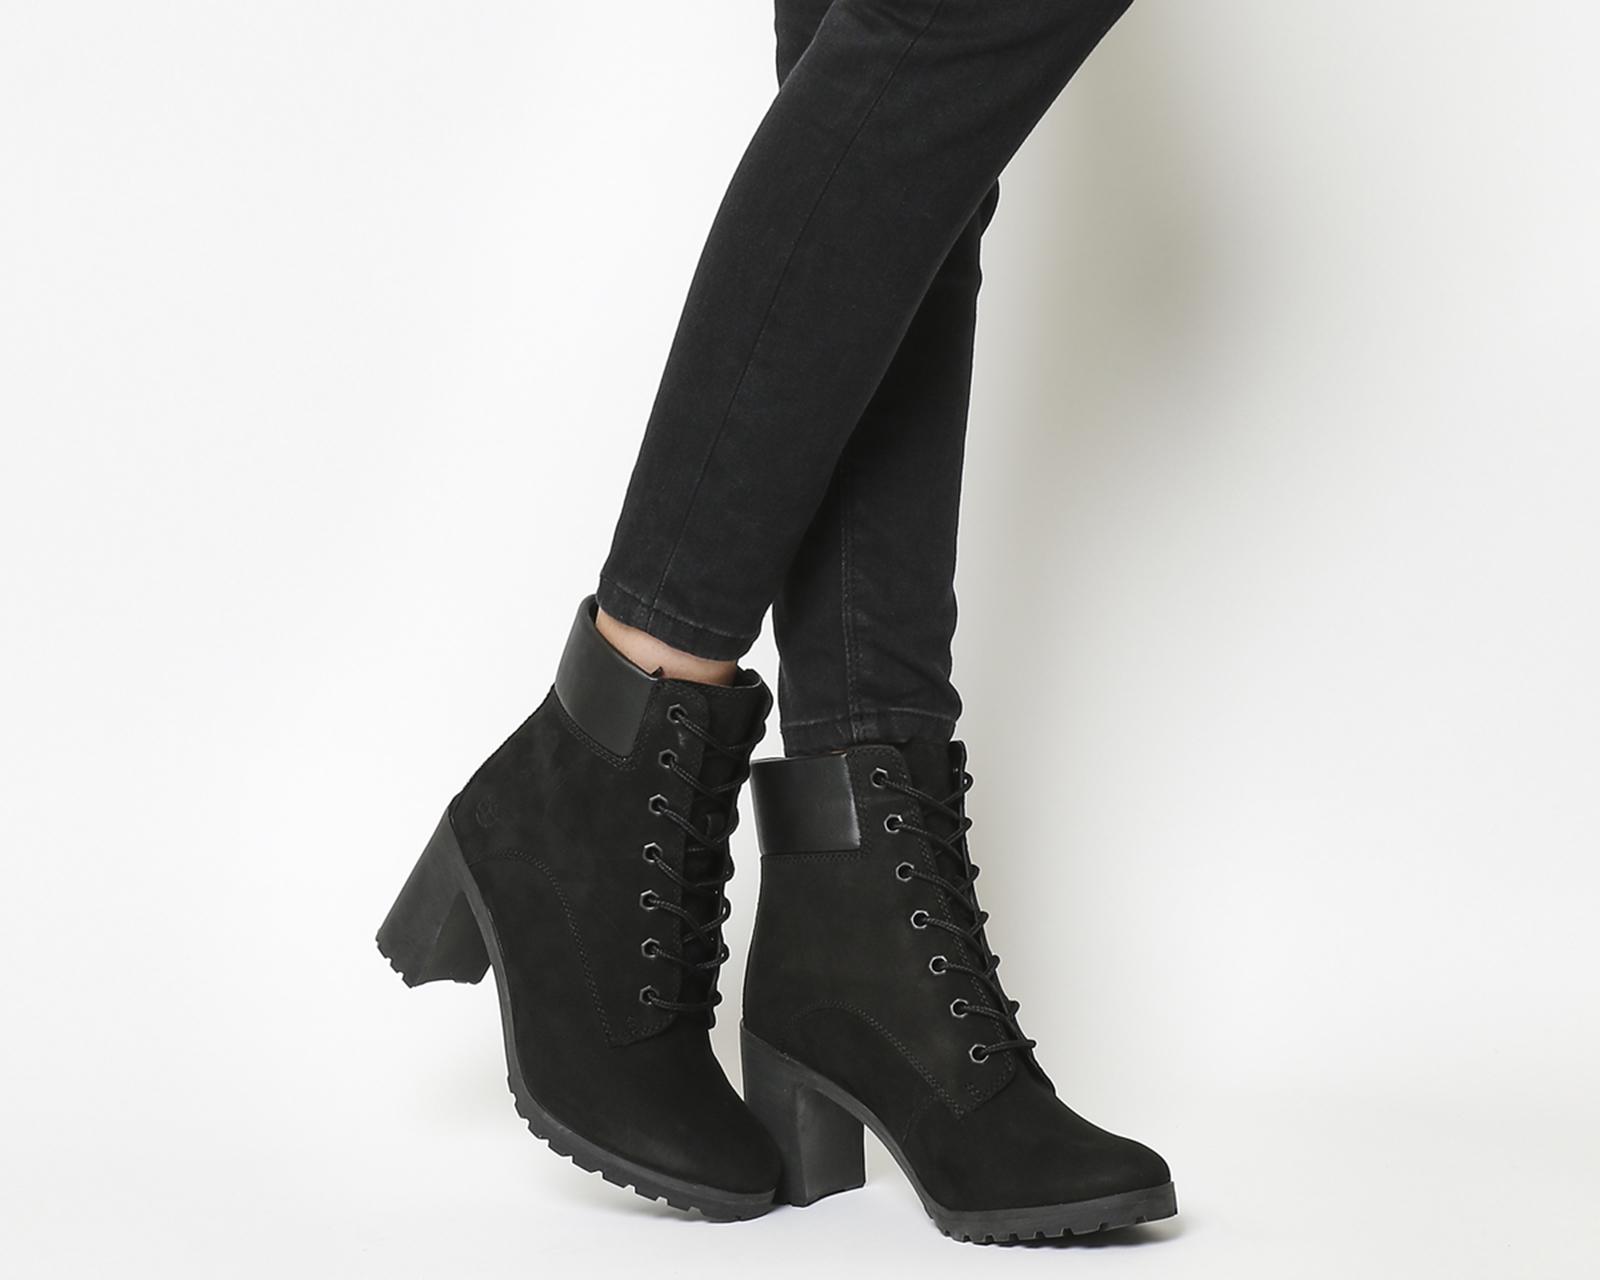 persecucion enfocar vela  timberland negra mujer - Tienda Online de Zapatos, Ropa y Complementos de  marca